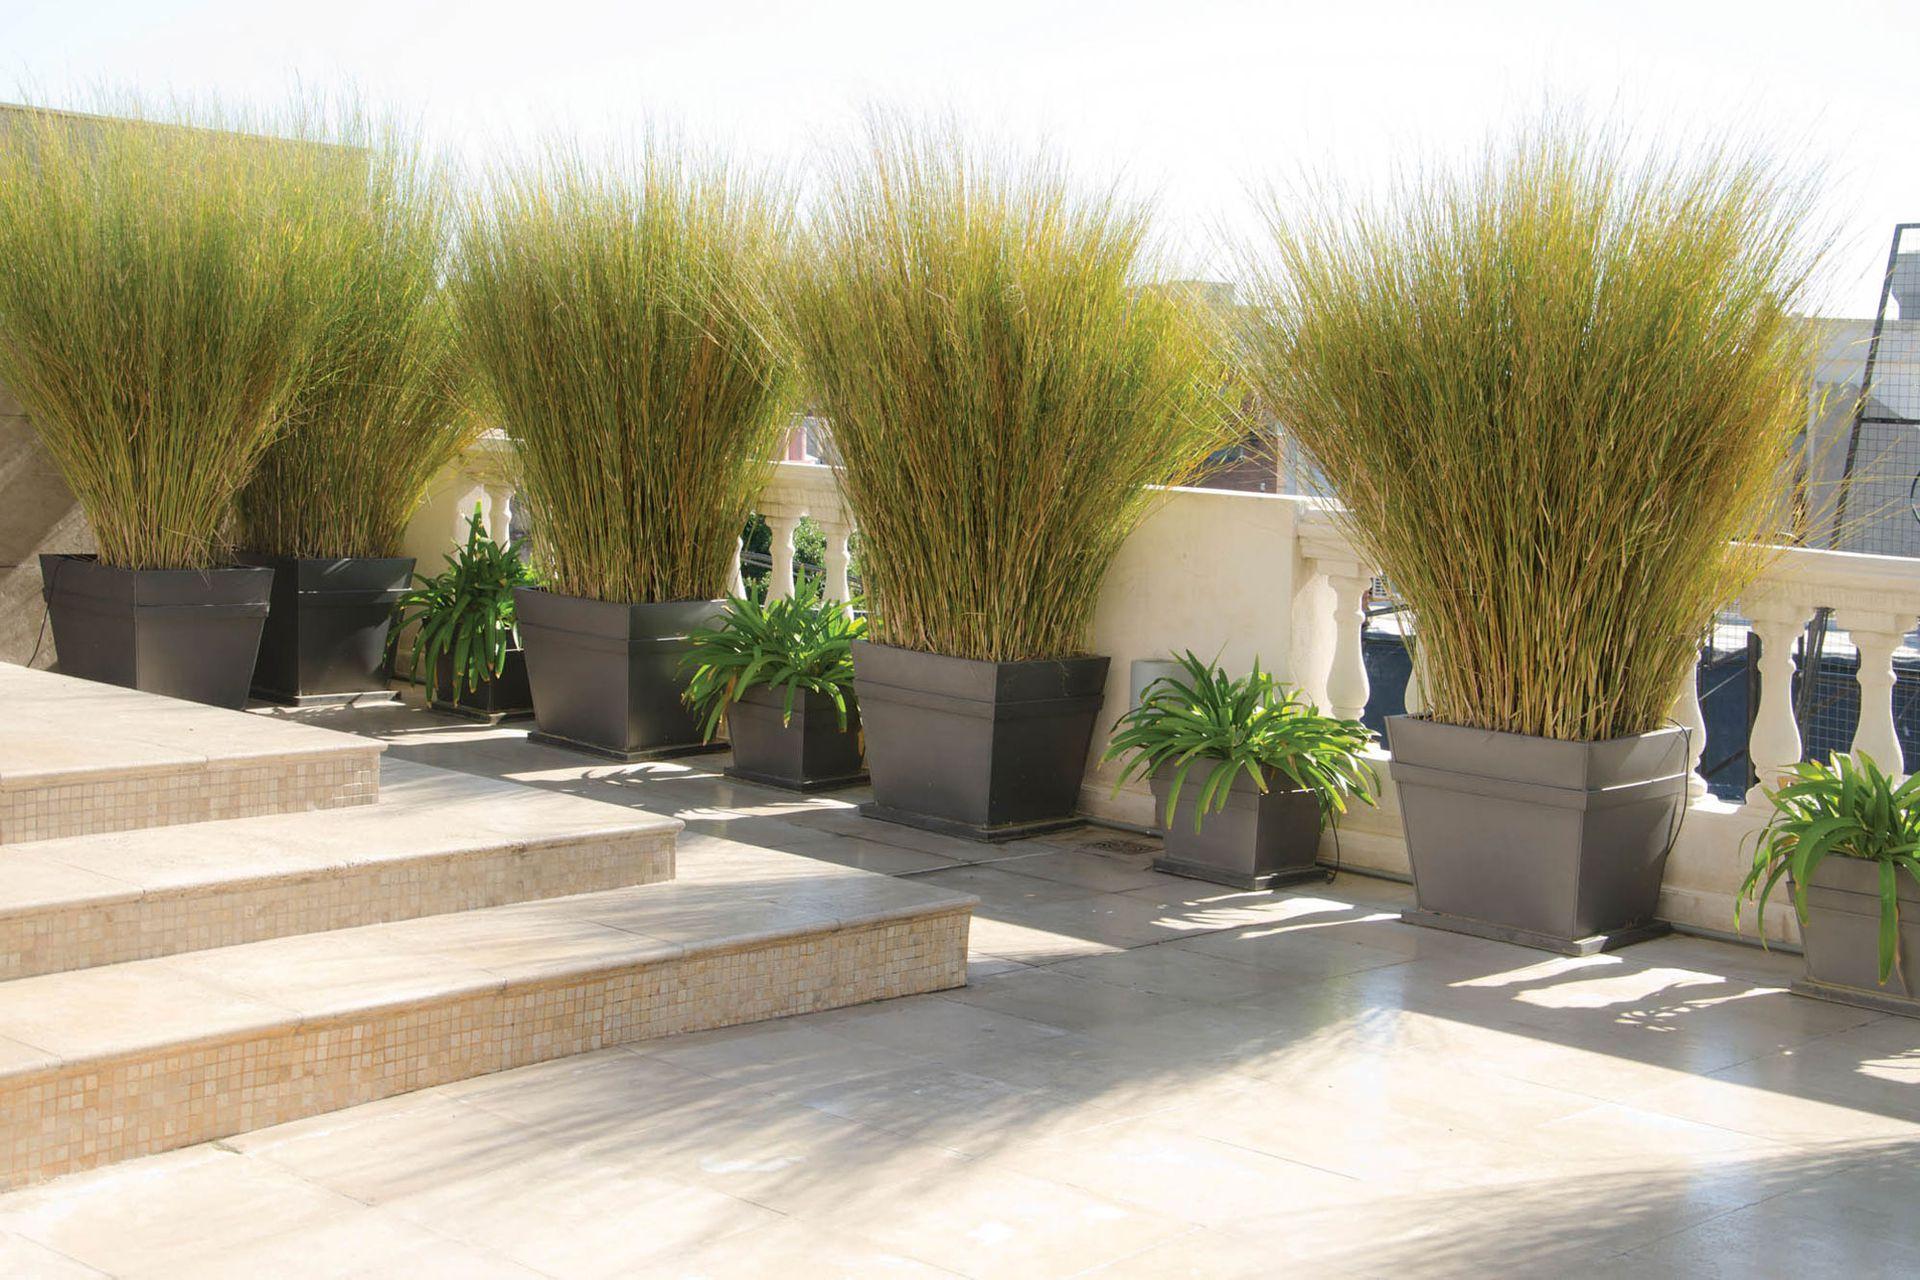 Las terrazas ventosas necesitan plantas flexibles y bien amarradas en pesados maceteros.